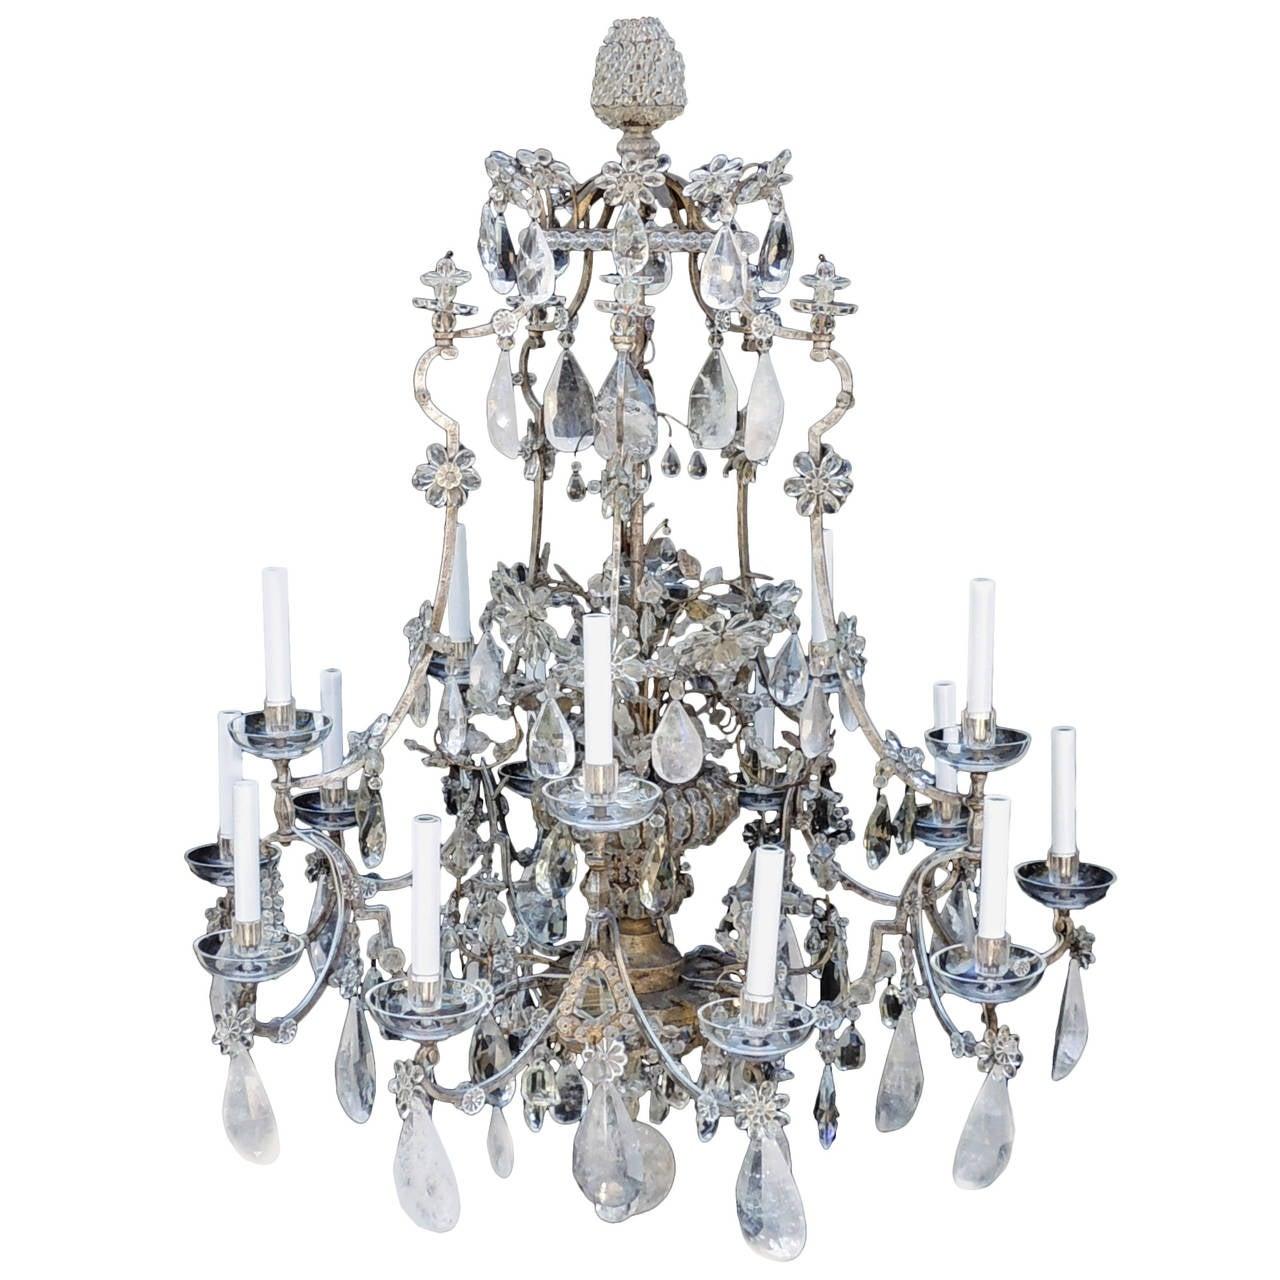 Incredible Maison Baguès Silver Rock Crystal Floral Centre Chandelier Fixture For Sale